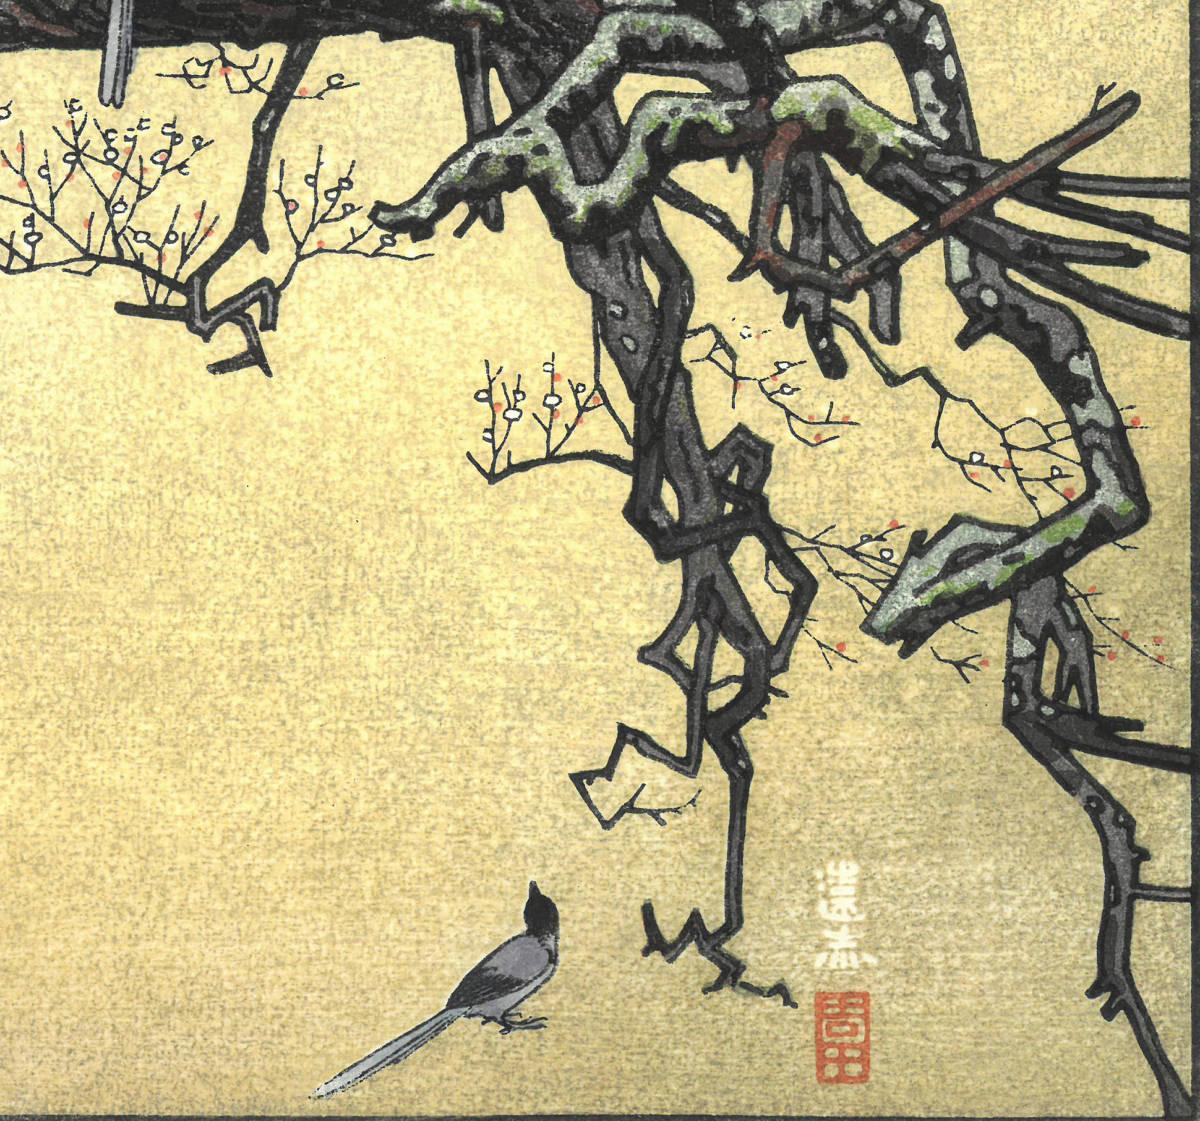 吉田遠志 木版画 015106 数珠かけの梅 (Plum tree & Blue Magpie) 初摺1951年  最高峰の摺師の技をご堪能下さい!!_画像10